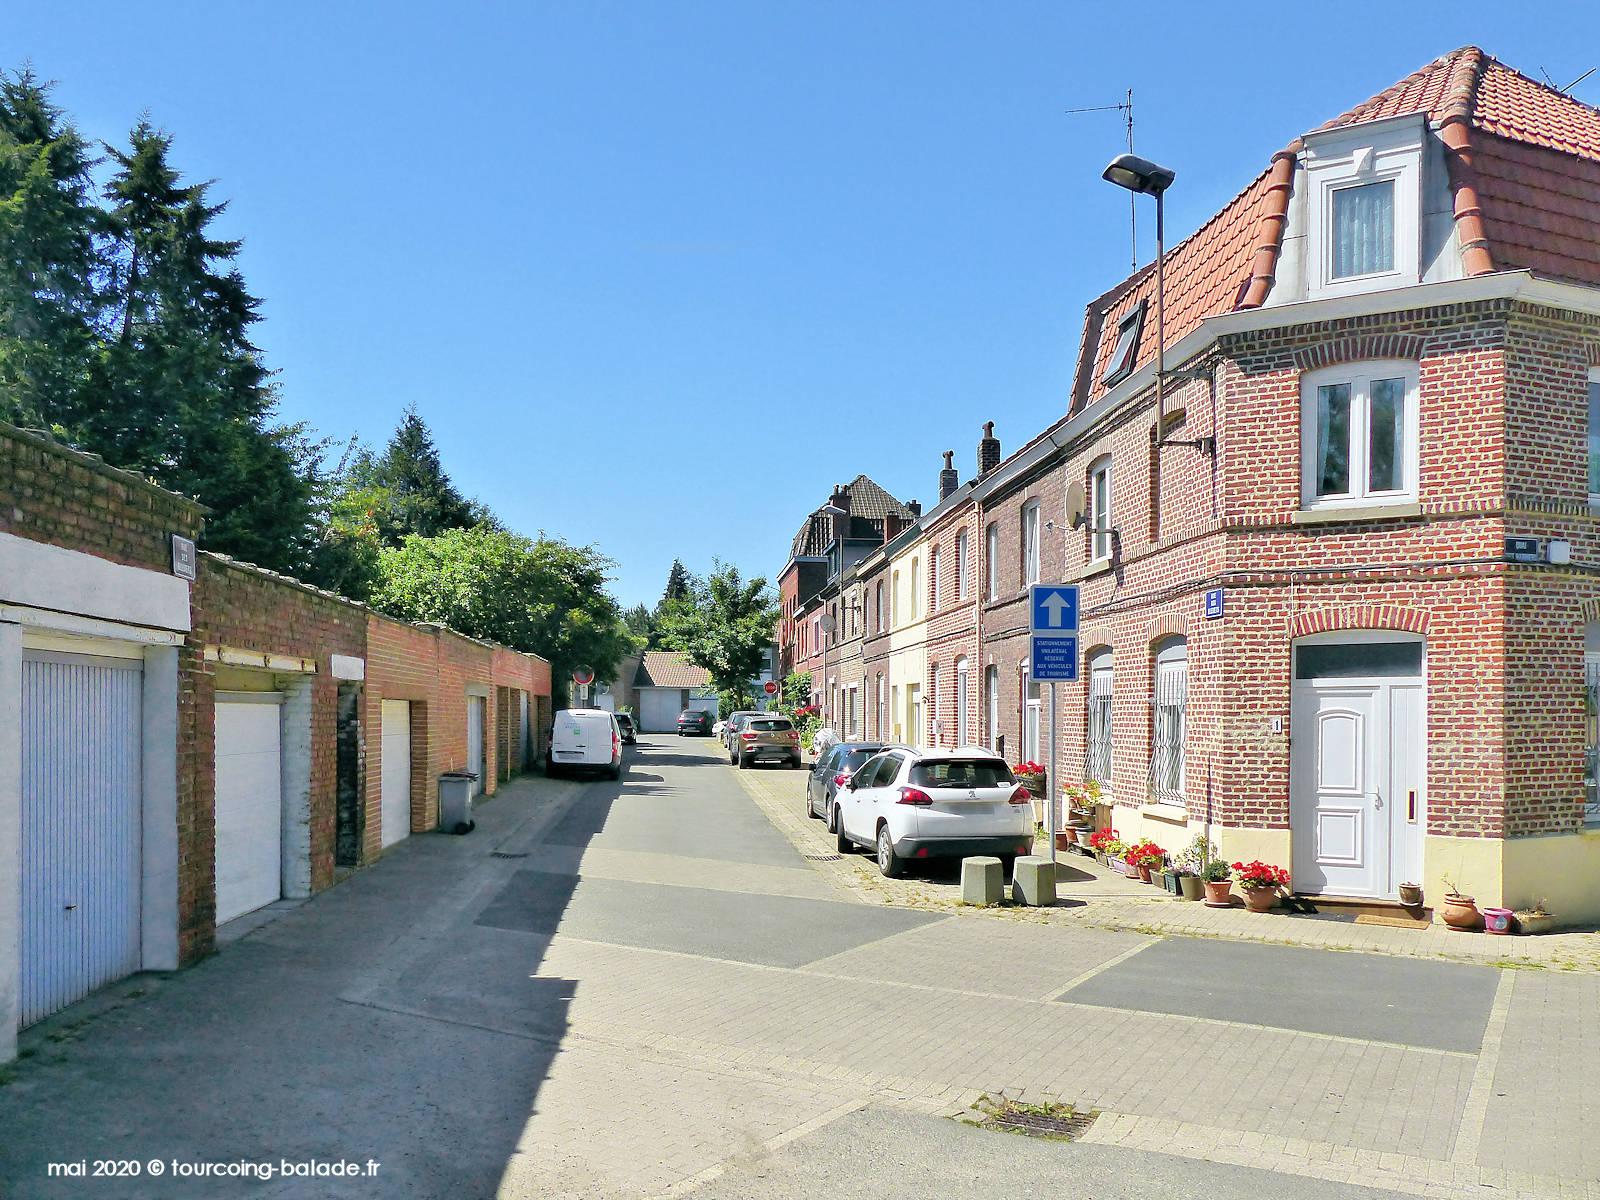 Rue des Bleuets, Tourcoing 2020